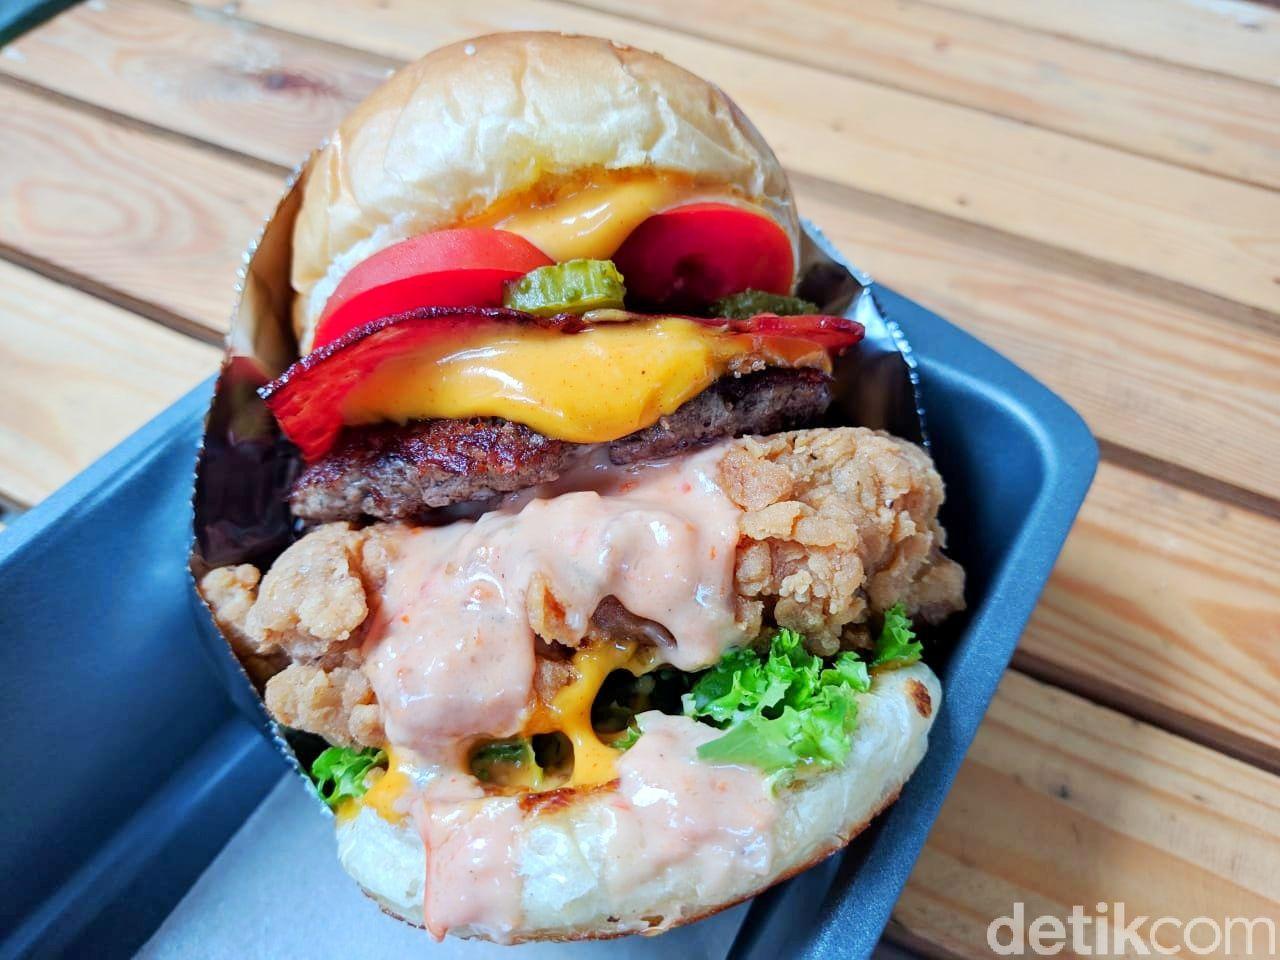 Woodfire : Yummy! Setangkup Burger Berisi Beef Patty dan Brisket